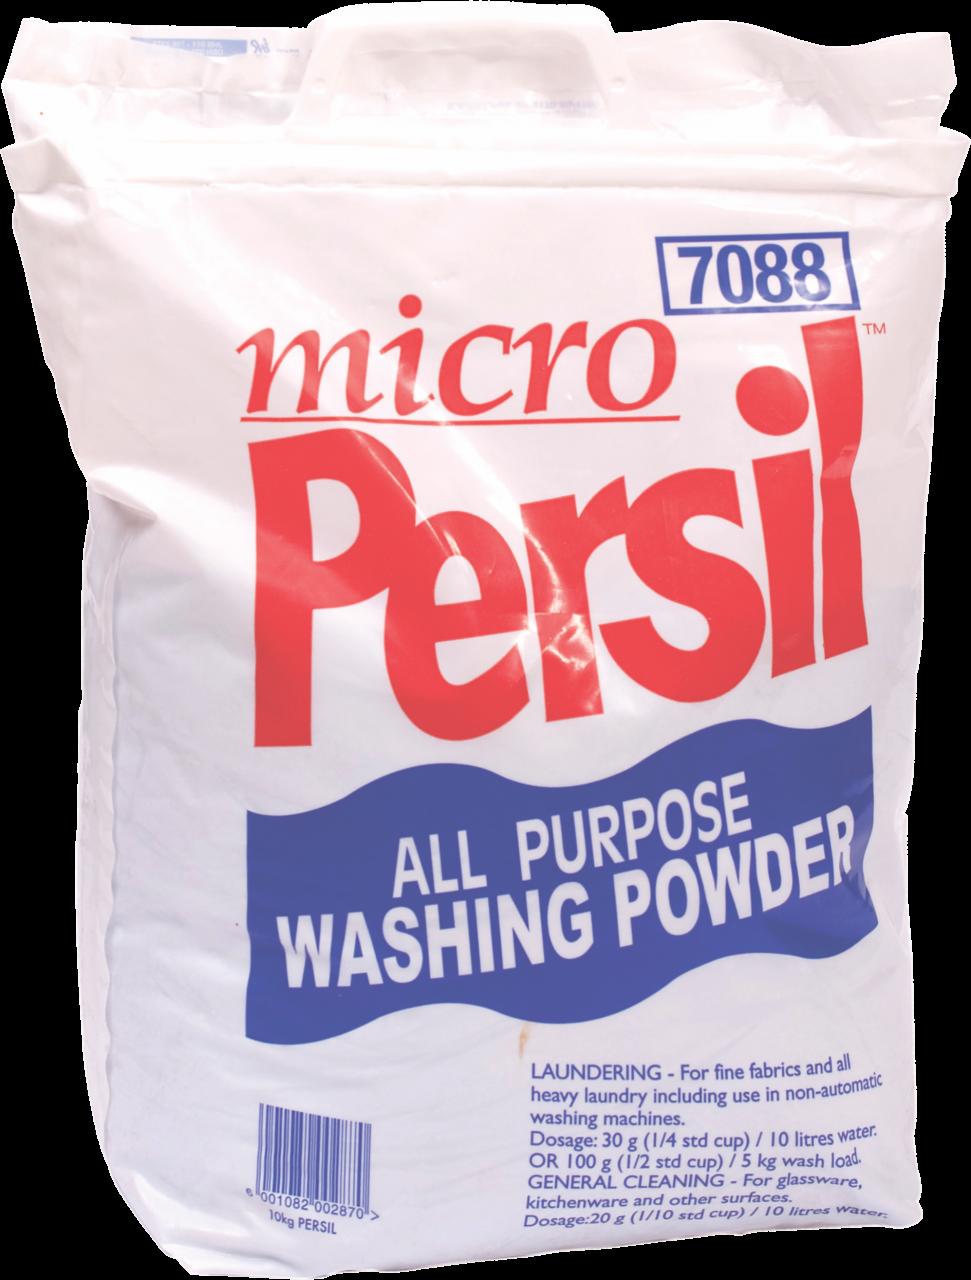 PERSIL MICRO WASHING POWDER